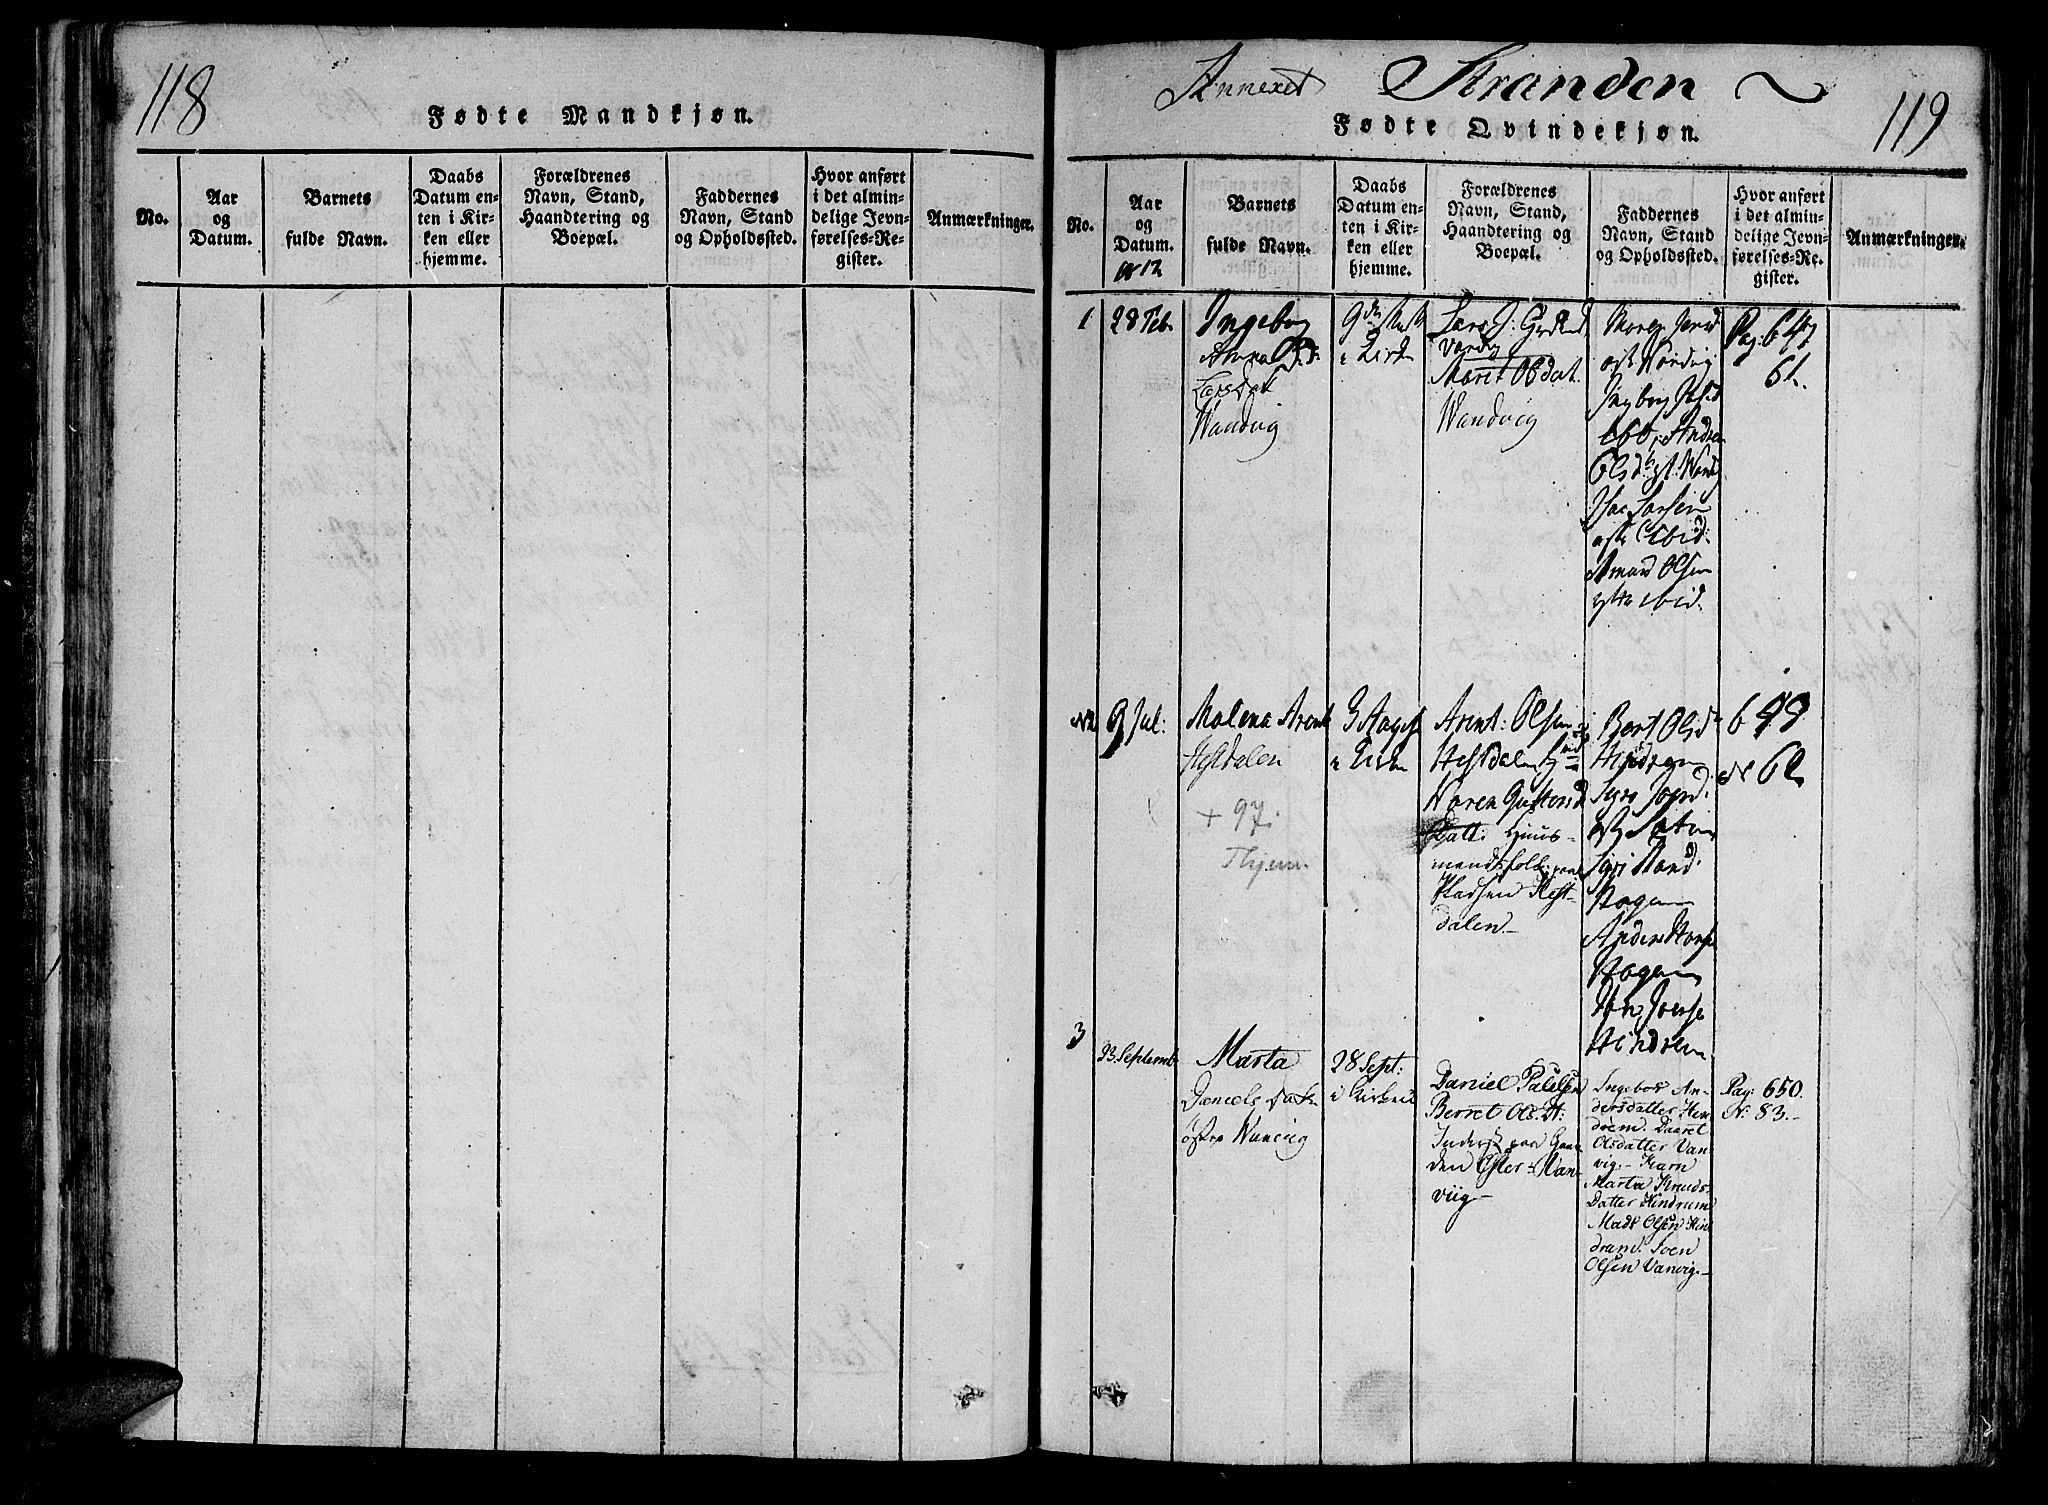 SAT, Ministerialprotokoller, klokkerbøker og fødselsregistre - Nord-Trøndelag, 701/L0005: Ministerialbok nr. 701A05 /2, 1816-1825, s. 118-119